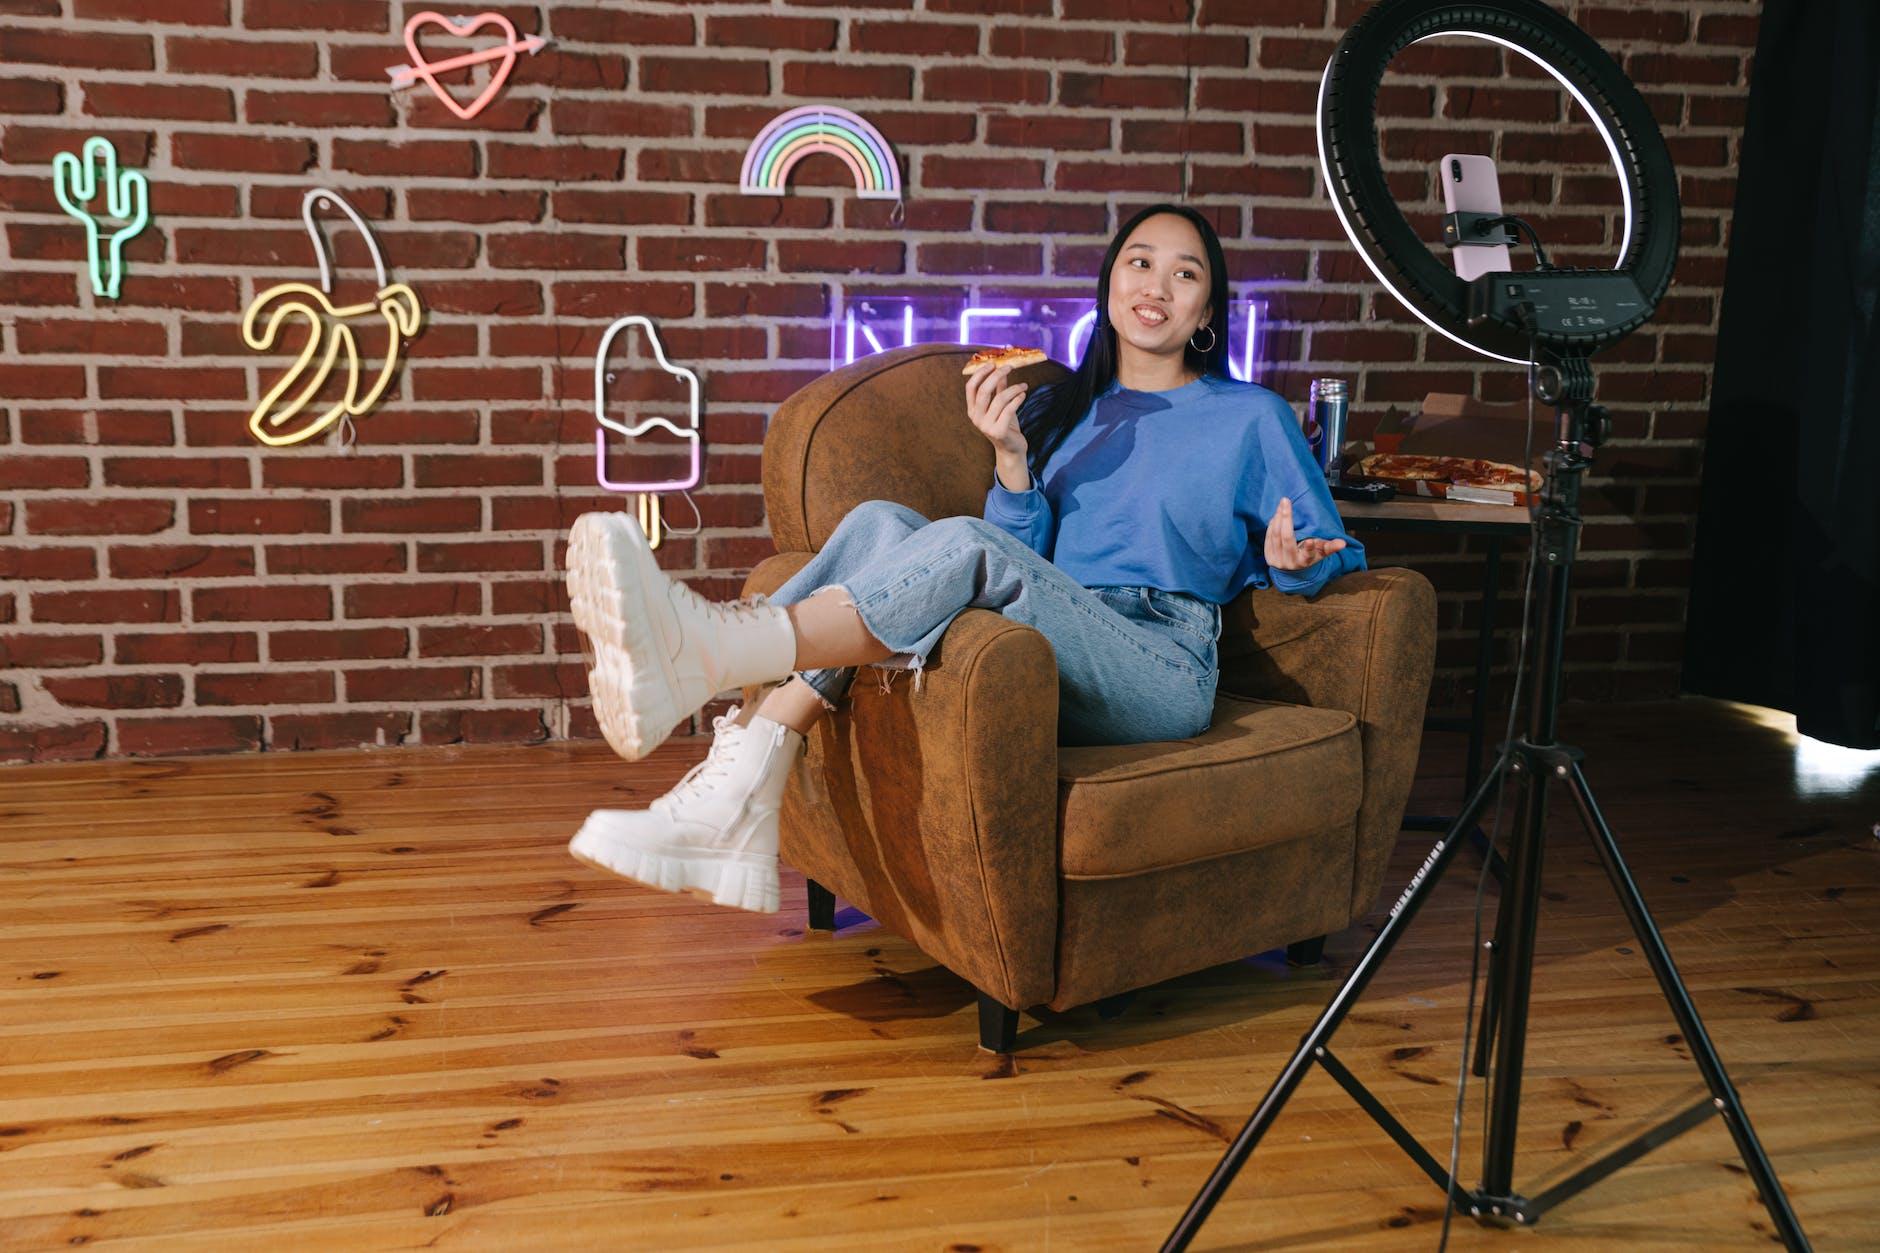 Bangun Konten secara konsisten untuk menjadi Youtuber Pemula Sukses